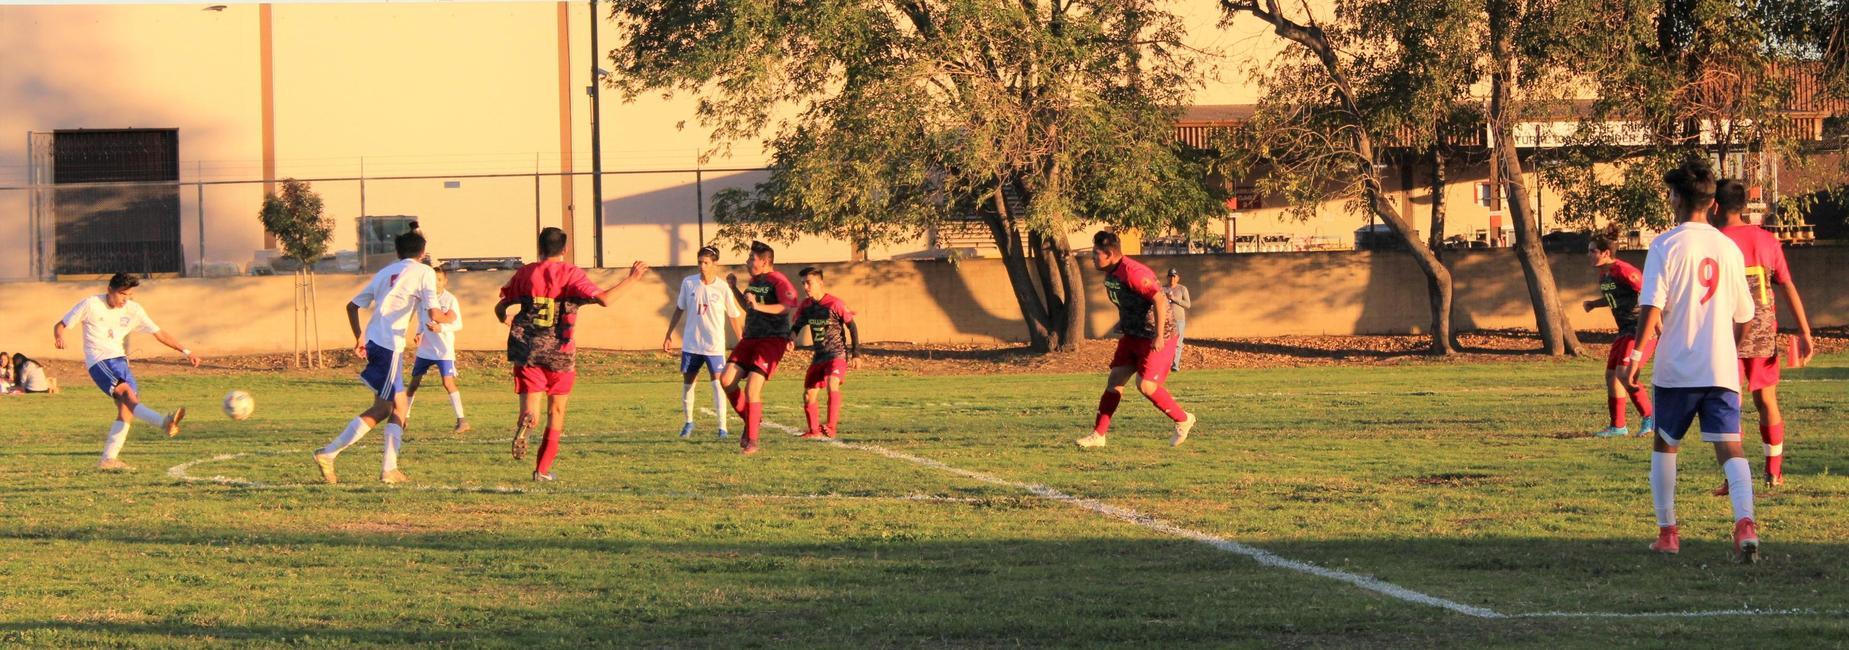 Boys Soccer Game